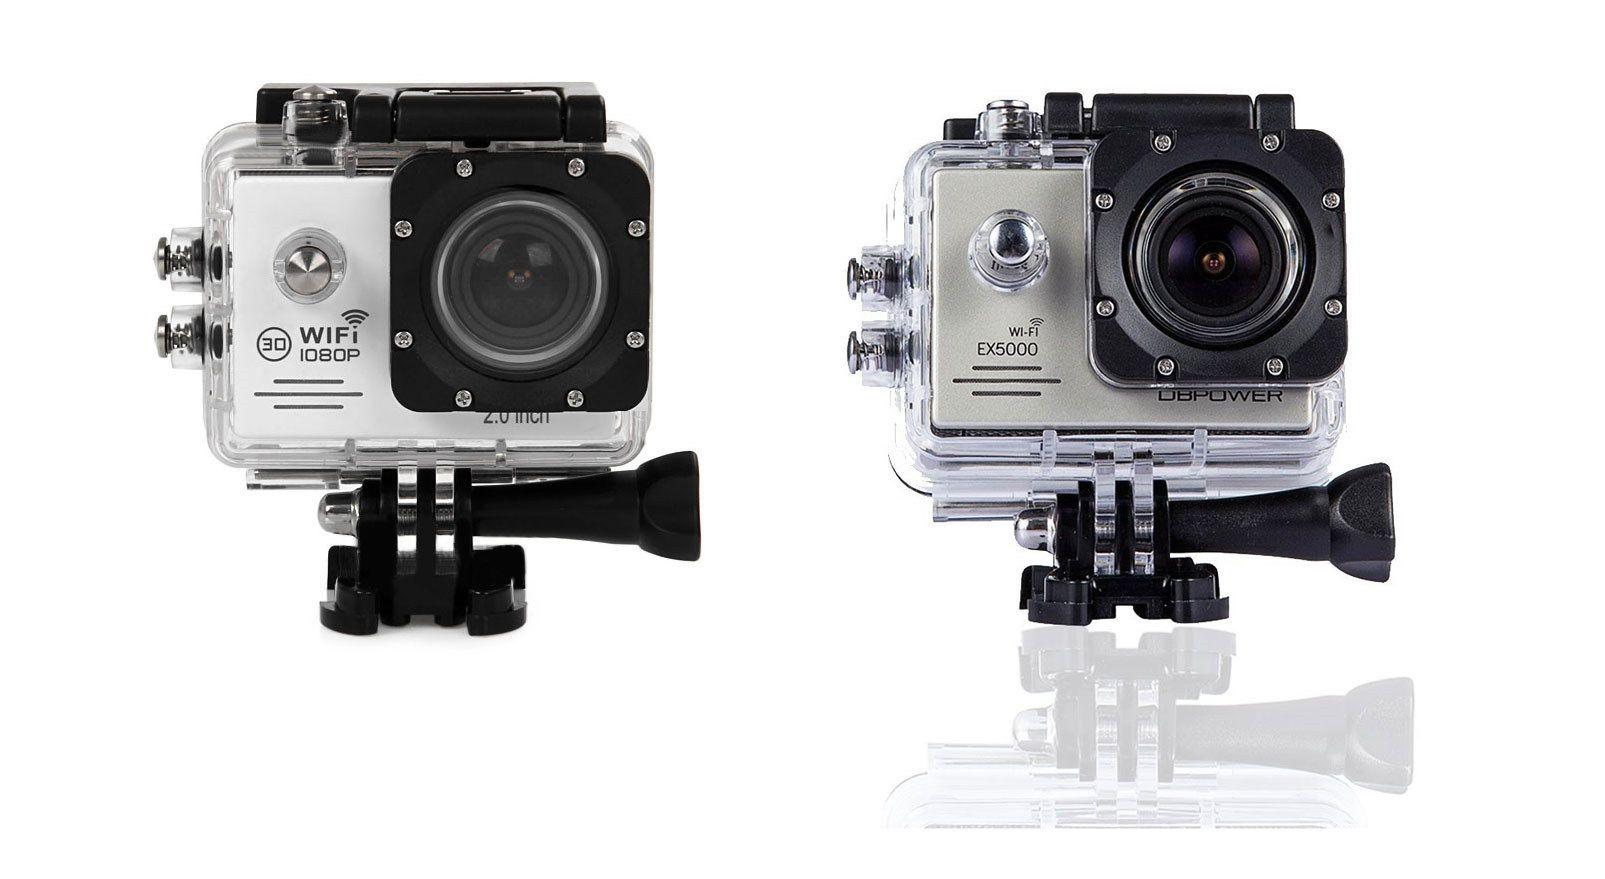 SJ7000 VS EX5000